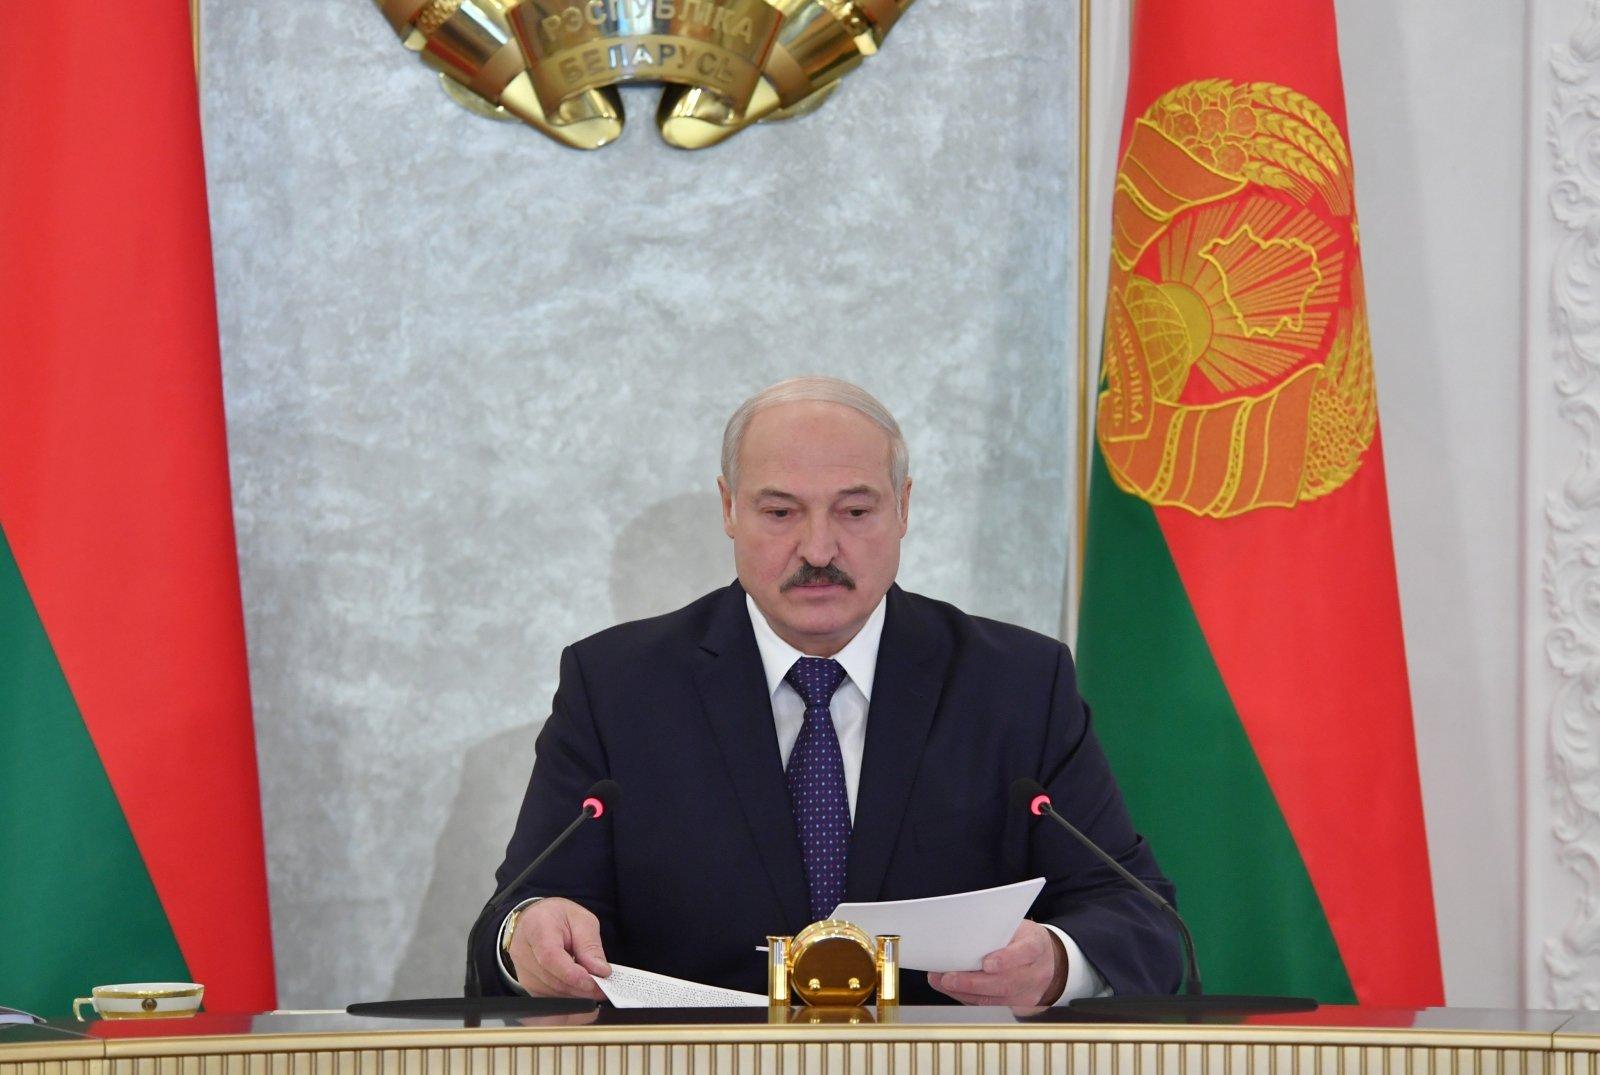 Выборы в Беларуси : Бабарико расположили  вСИЗО КГБ